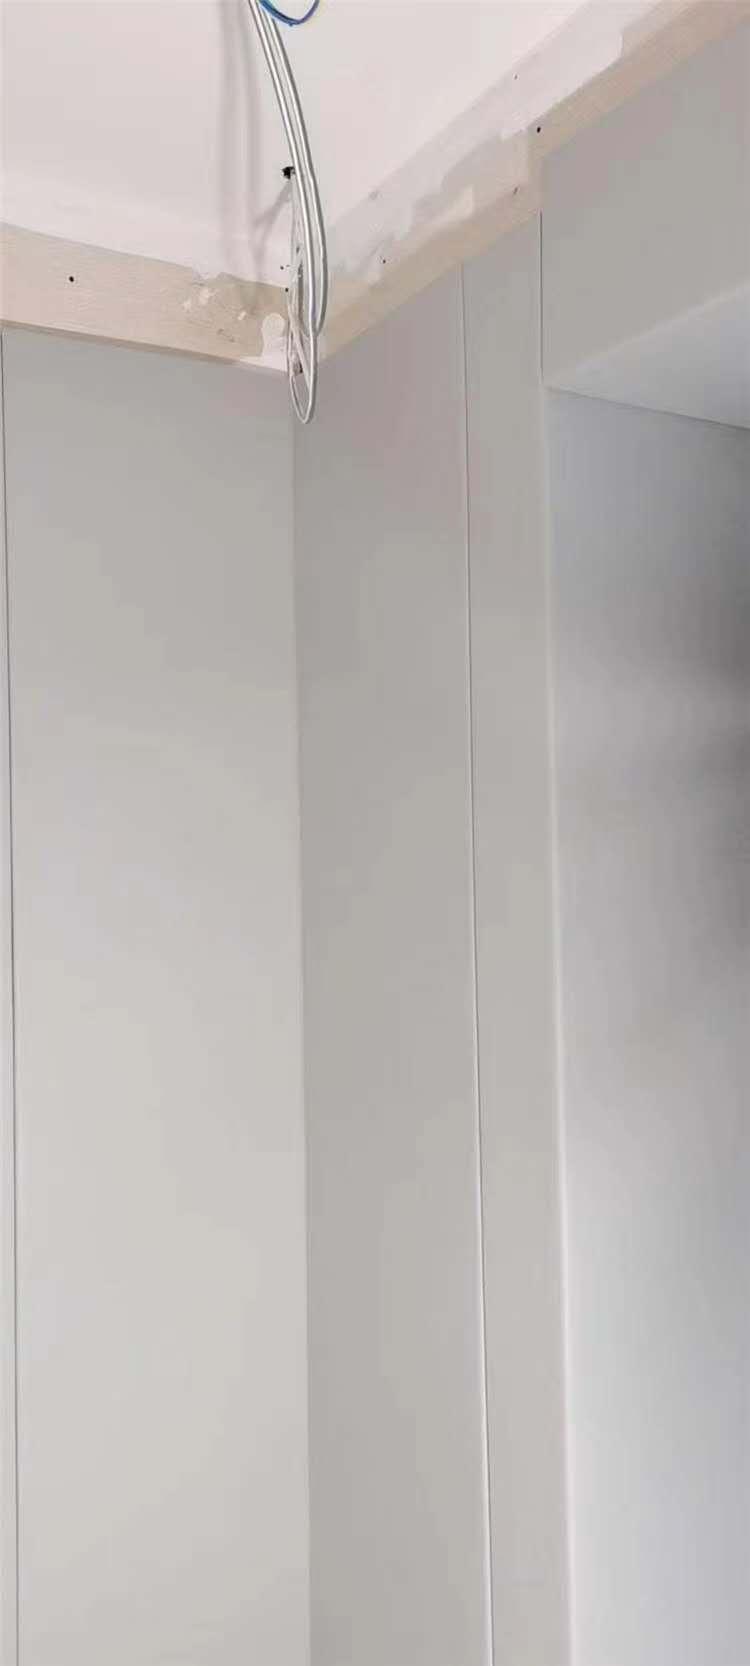 吉林询问室墙面软包 留置室防撞墙定制 聚乙烯棉软包